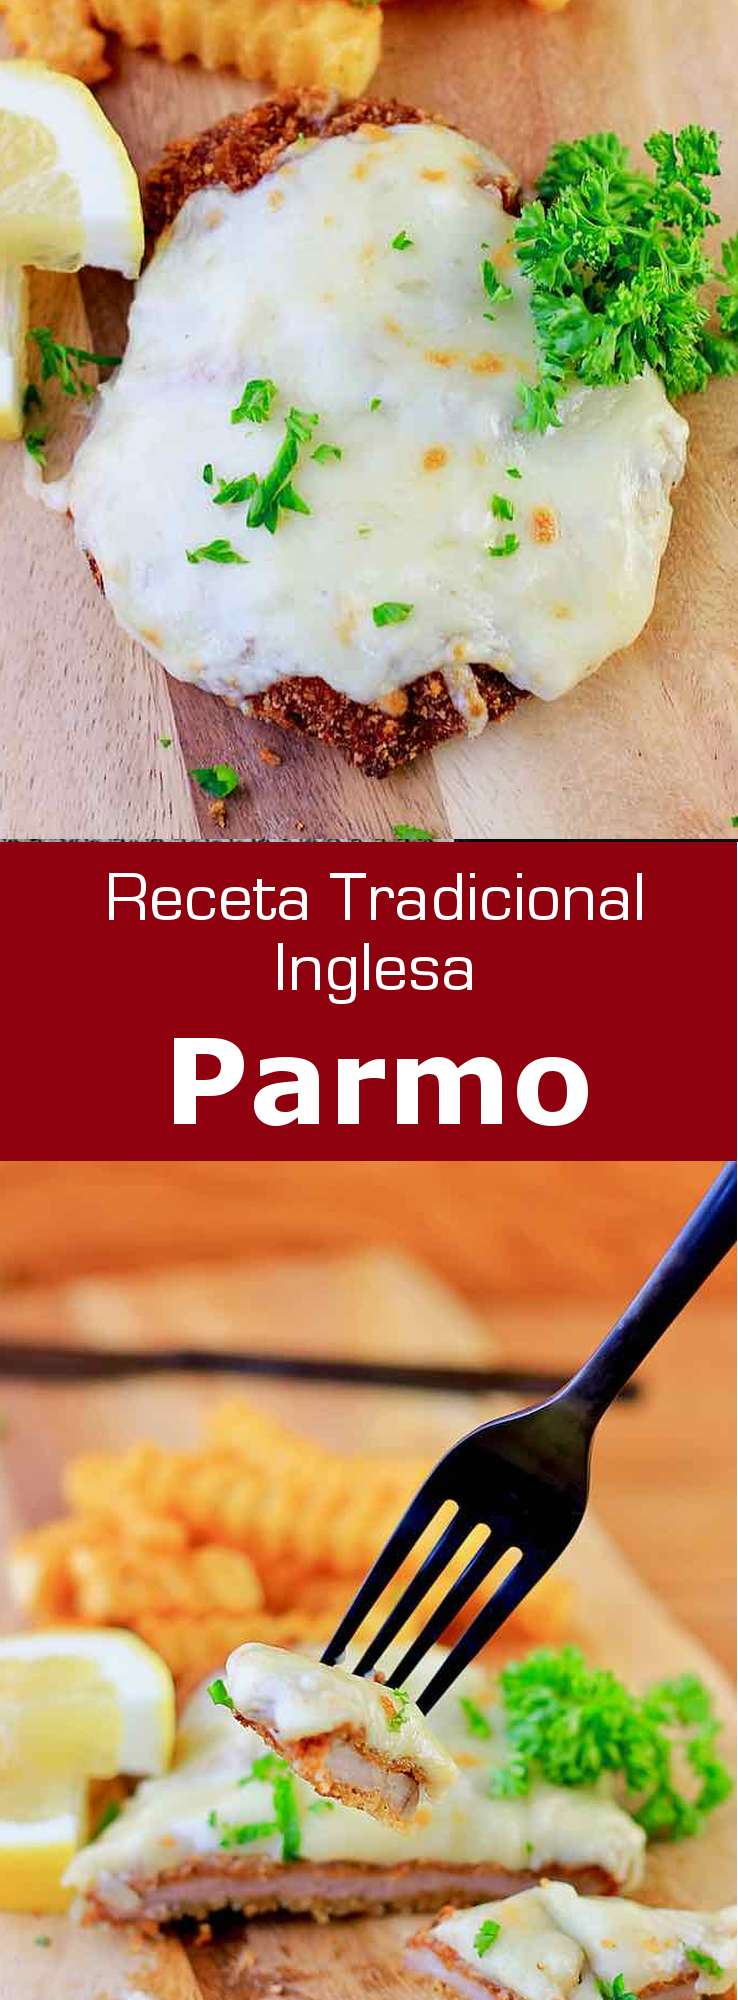 El parmo es un plato popular de Middlesbrough, Inglaterra, que está hecho con carne de cerdo rebozada y salsa de queso cheddar; es similar al schnitzel.